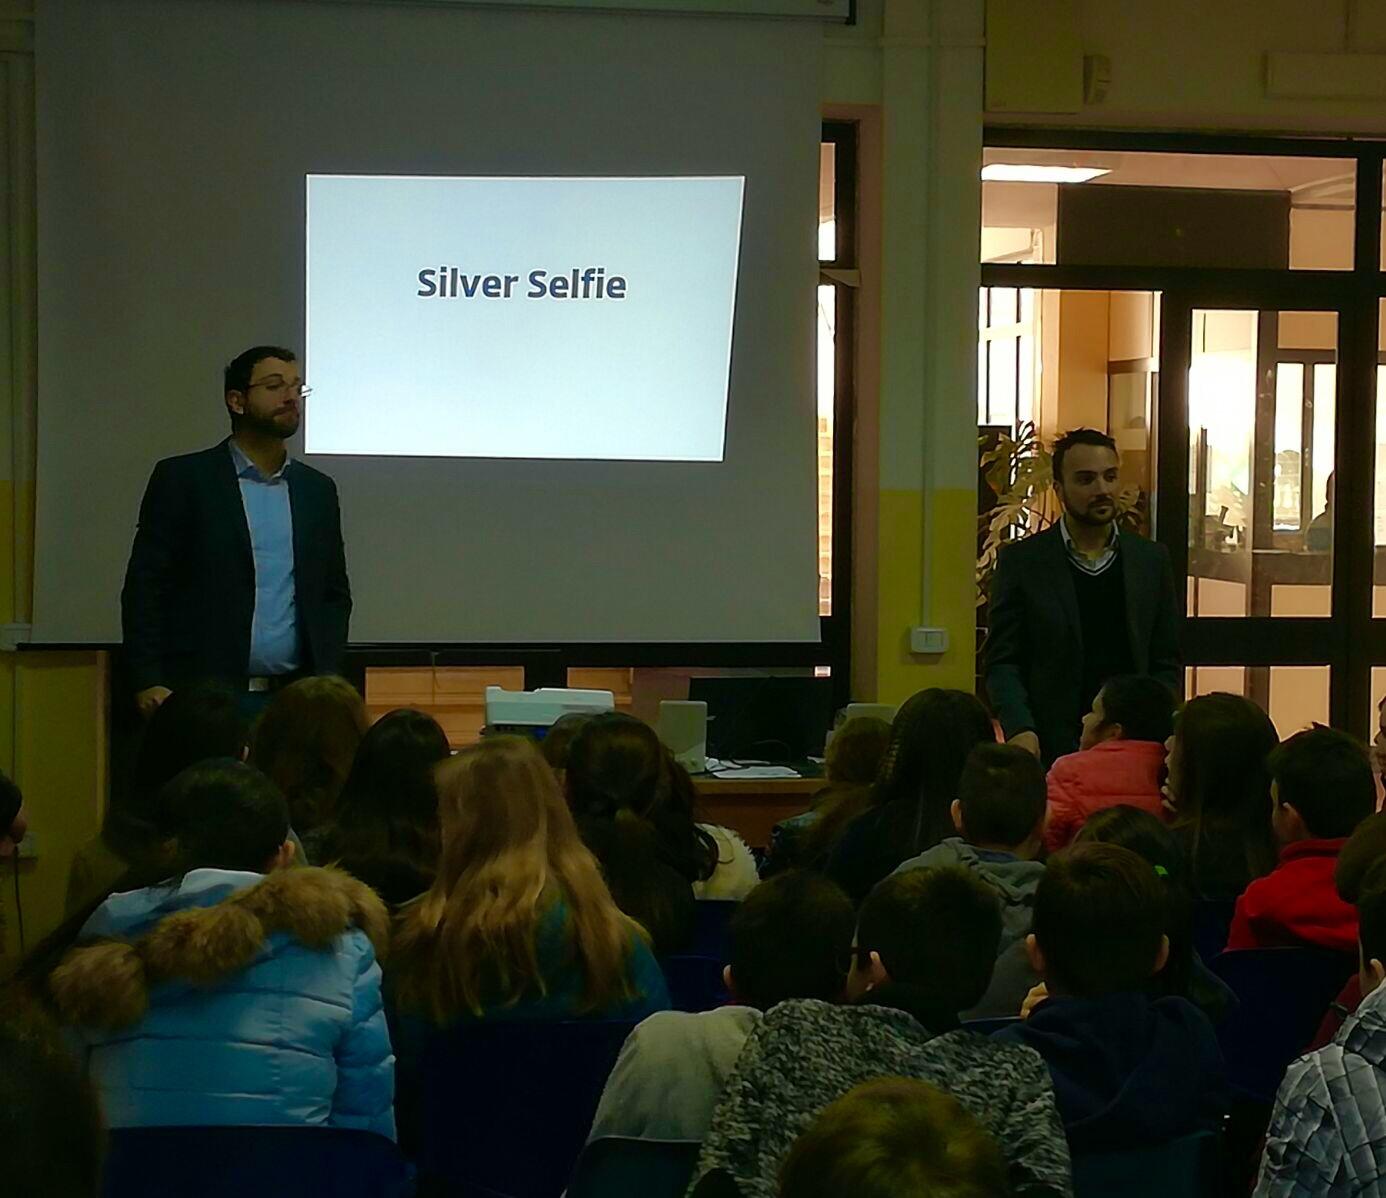 Le scuole romane a lezione di cyber security grazie al progetto Io navigo sicuro di Eset